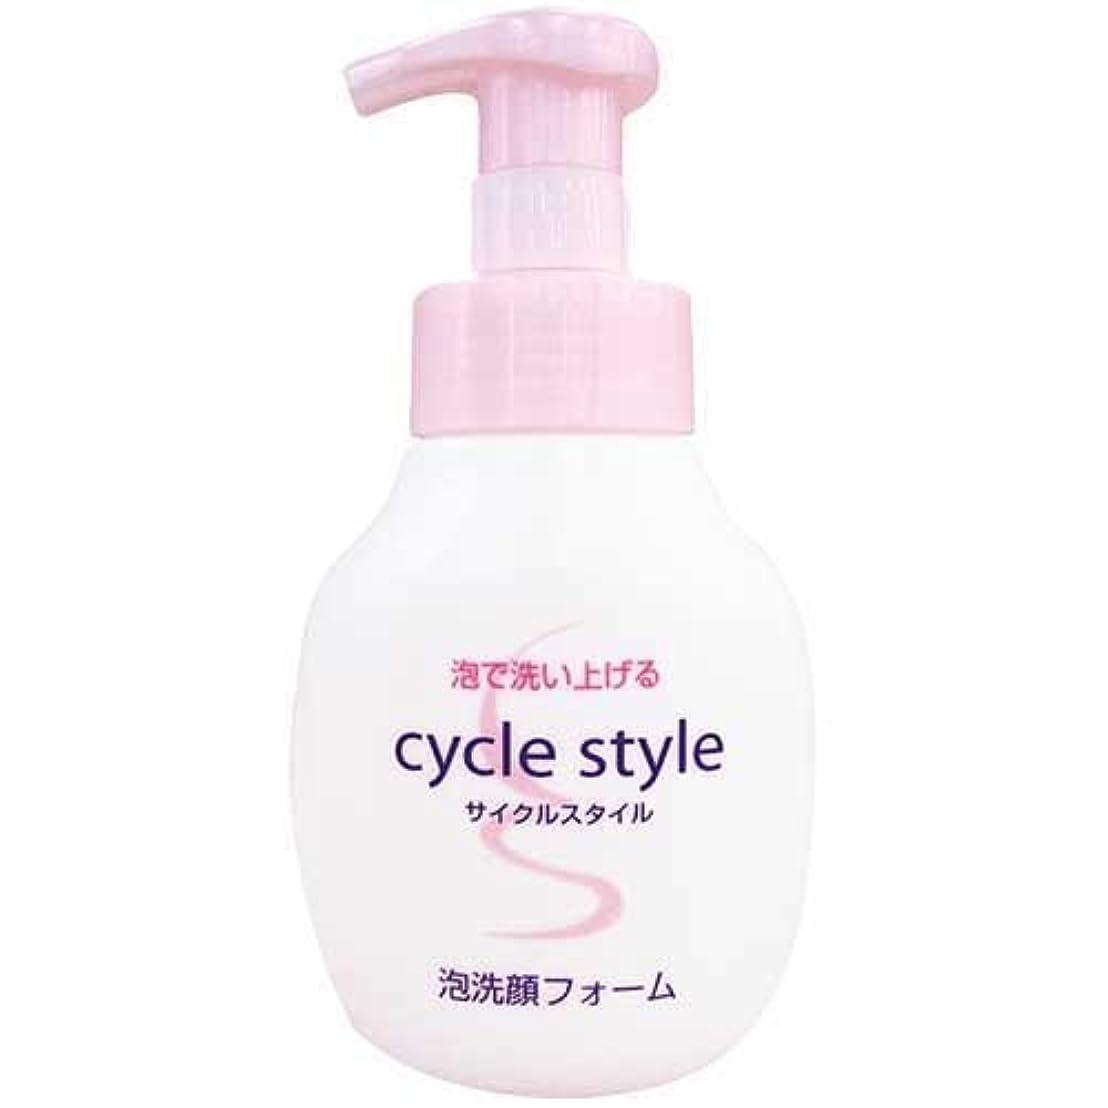 受動的資本放射するサイクルスタイル 泡洗顔フォーム 本体 250ml 【まとめ買い120個セット】